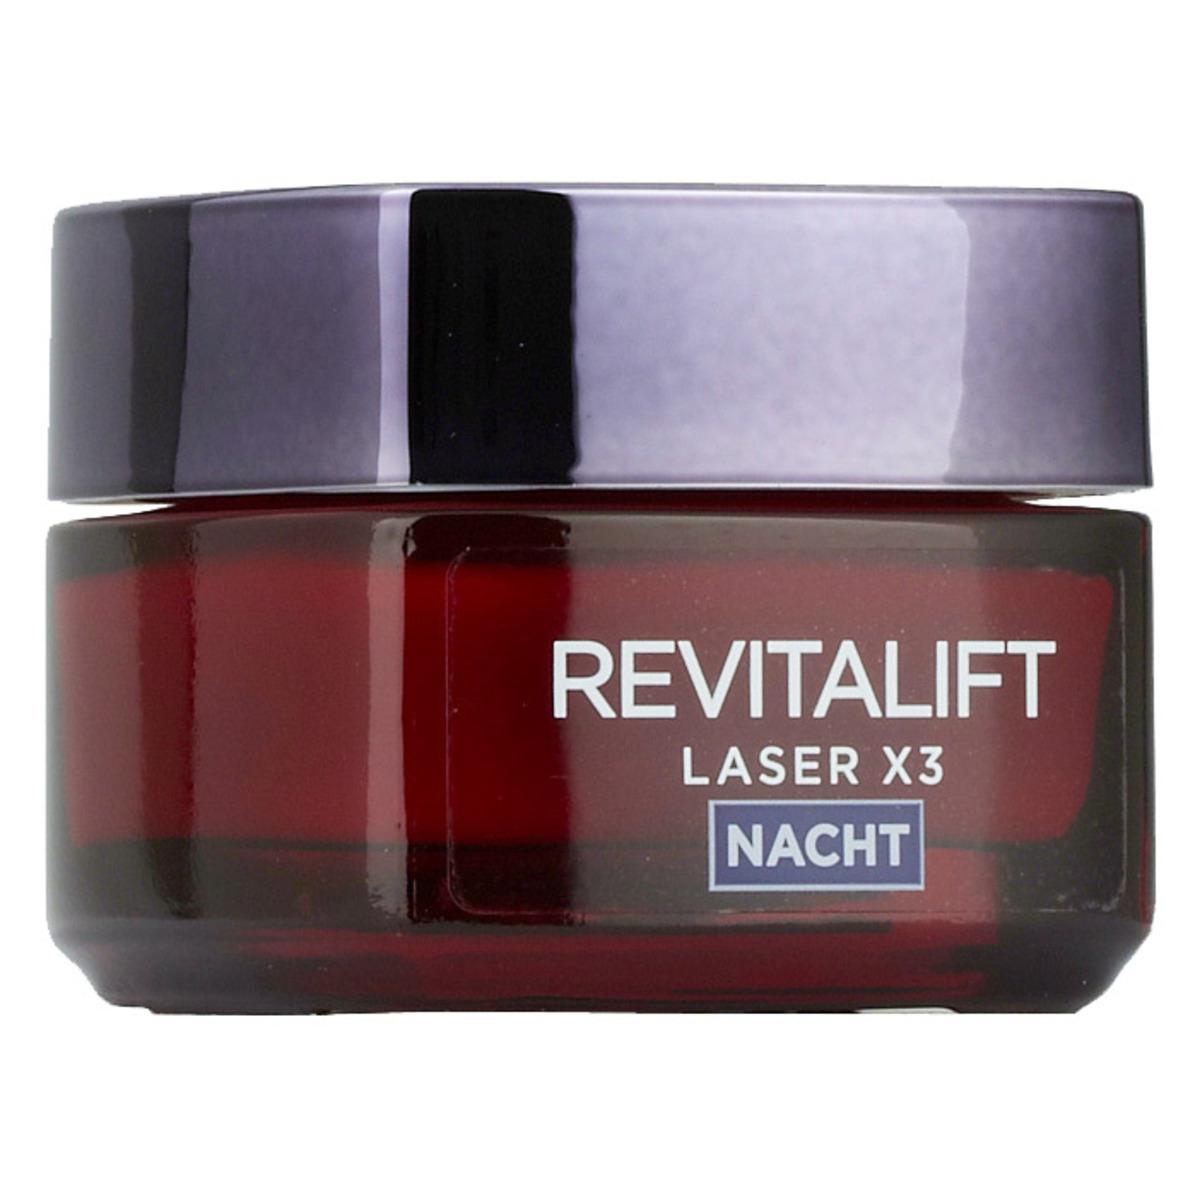 Bild 2 von L'Oréal Paris              Paris Revitalift Laser X3 Anti-Age Creme-Maske